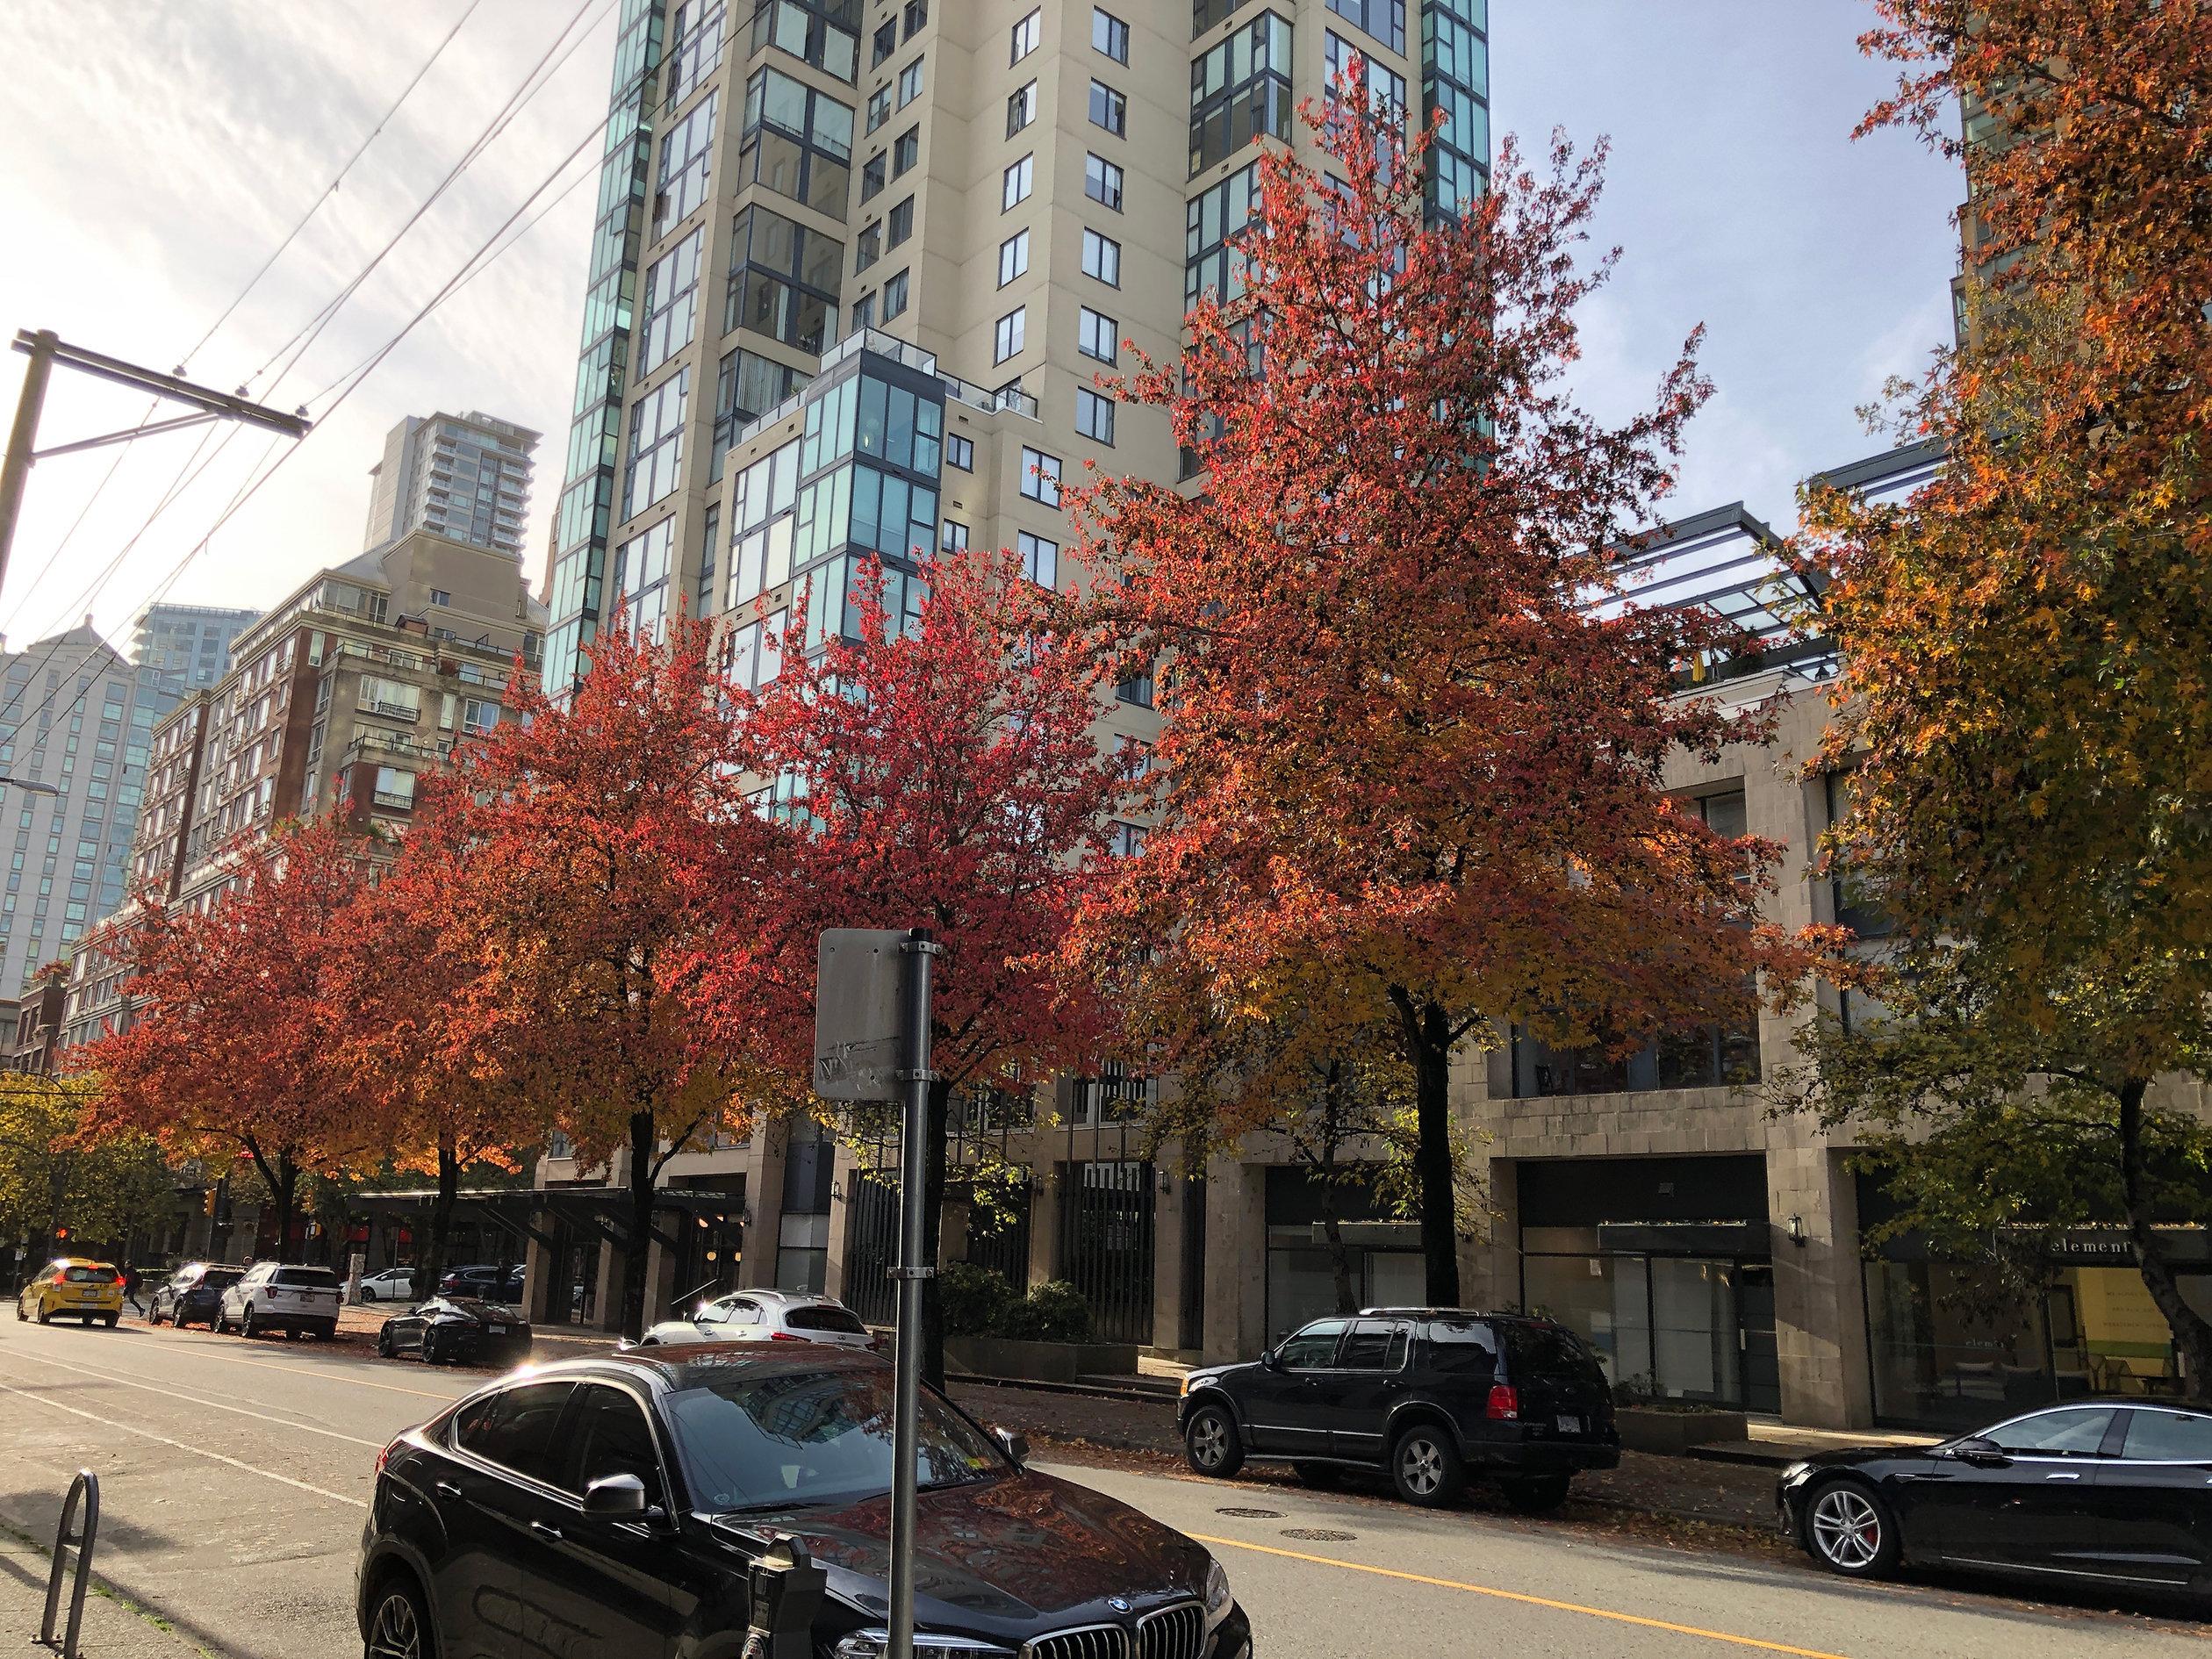 City Crest in Autumn!